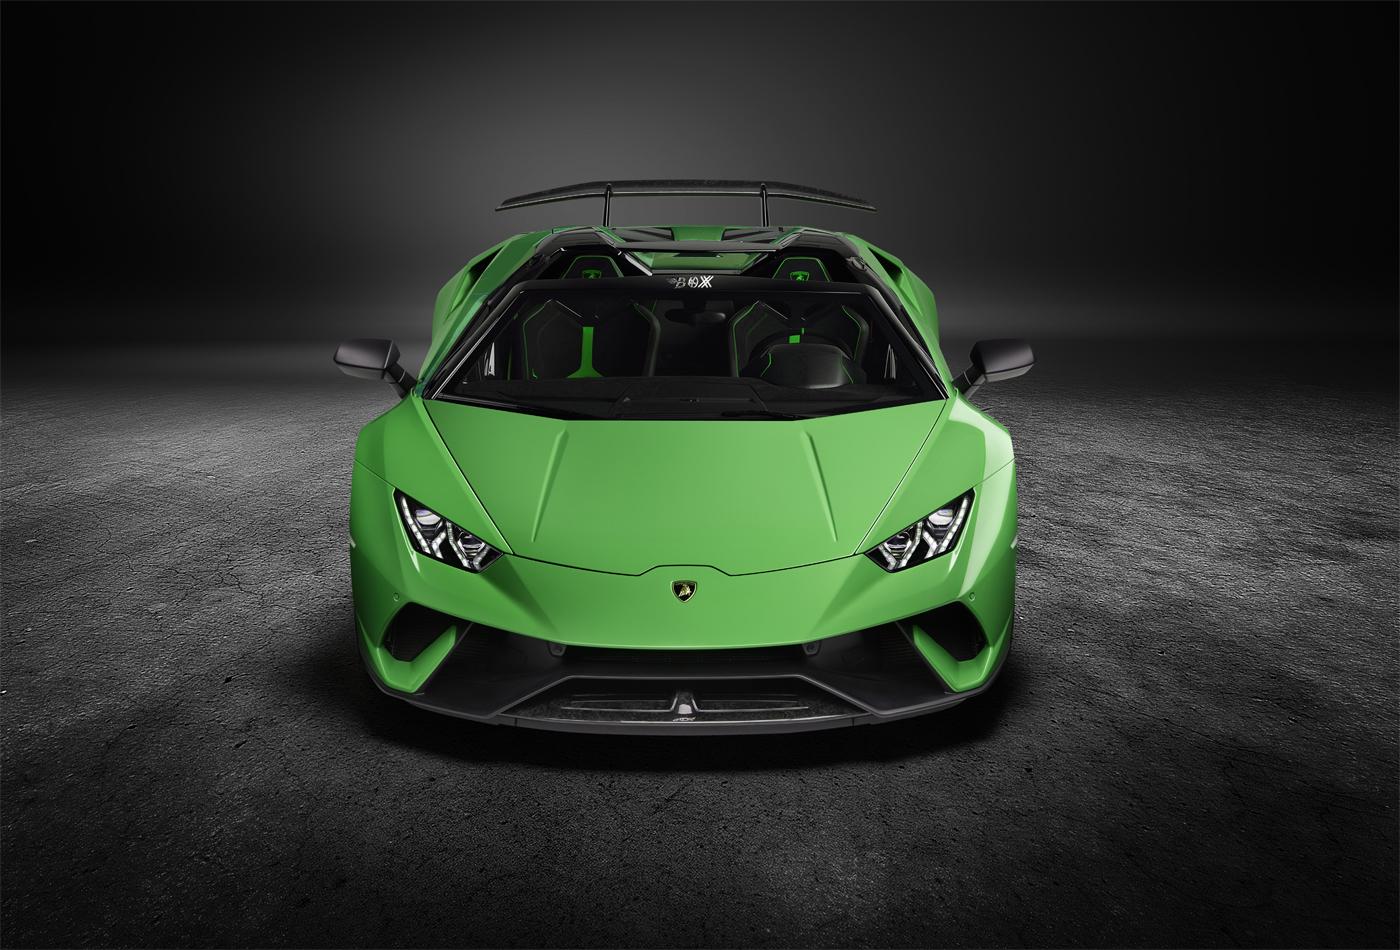 Lamborghini Huracan Performante Spyder Renderings (2)